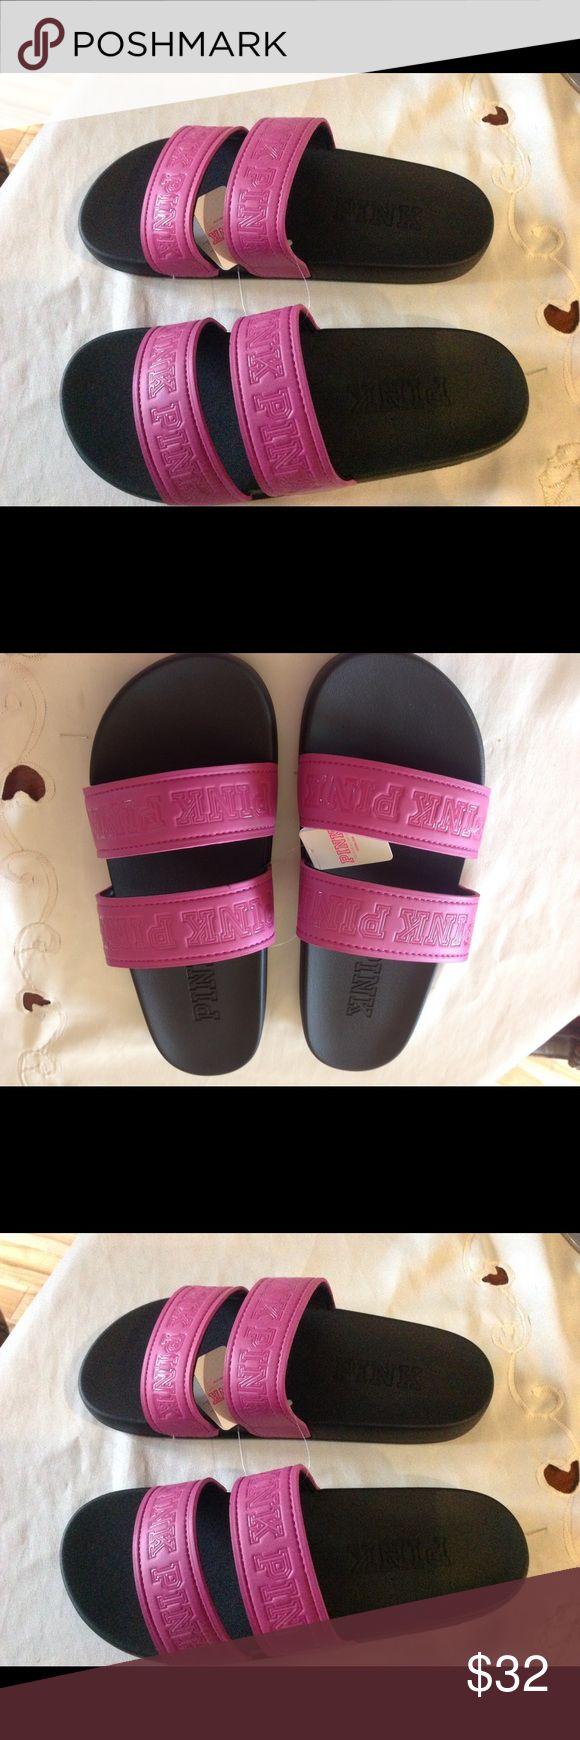 Sandals vs shoes - Nwt Vs Pink Flip Flop Slider Sandals Lg 9 10 Nwt Vs Pink Flip Flop